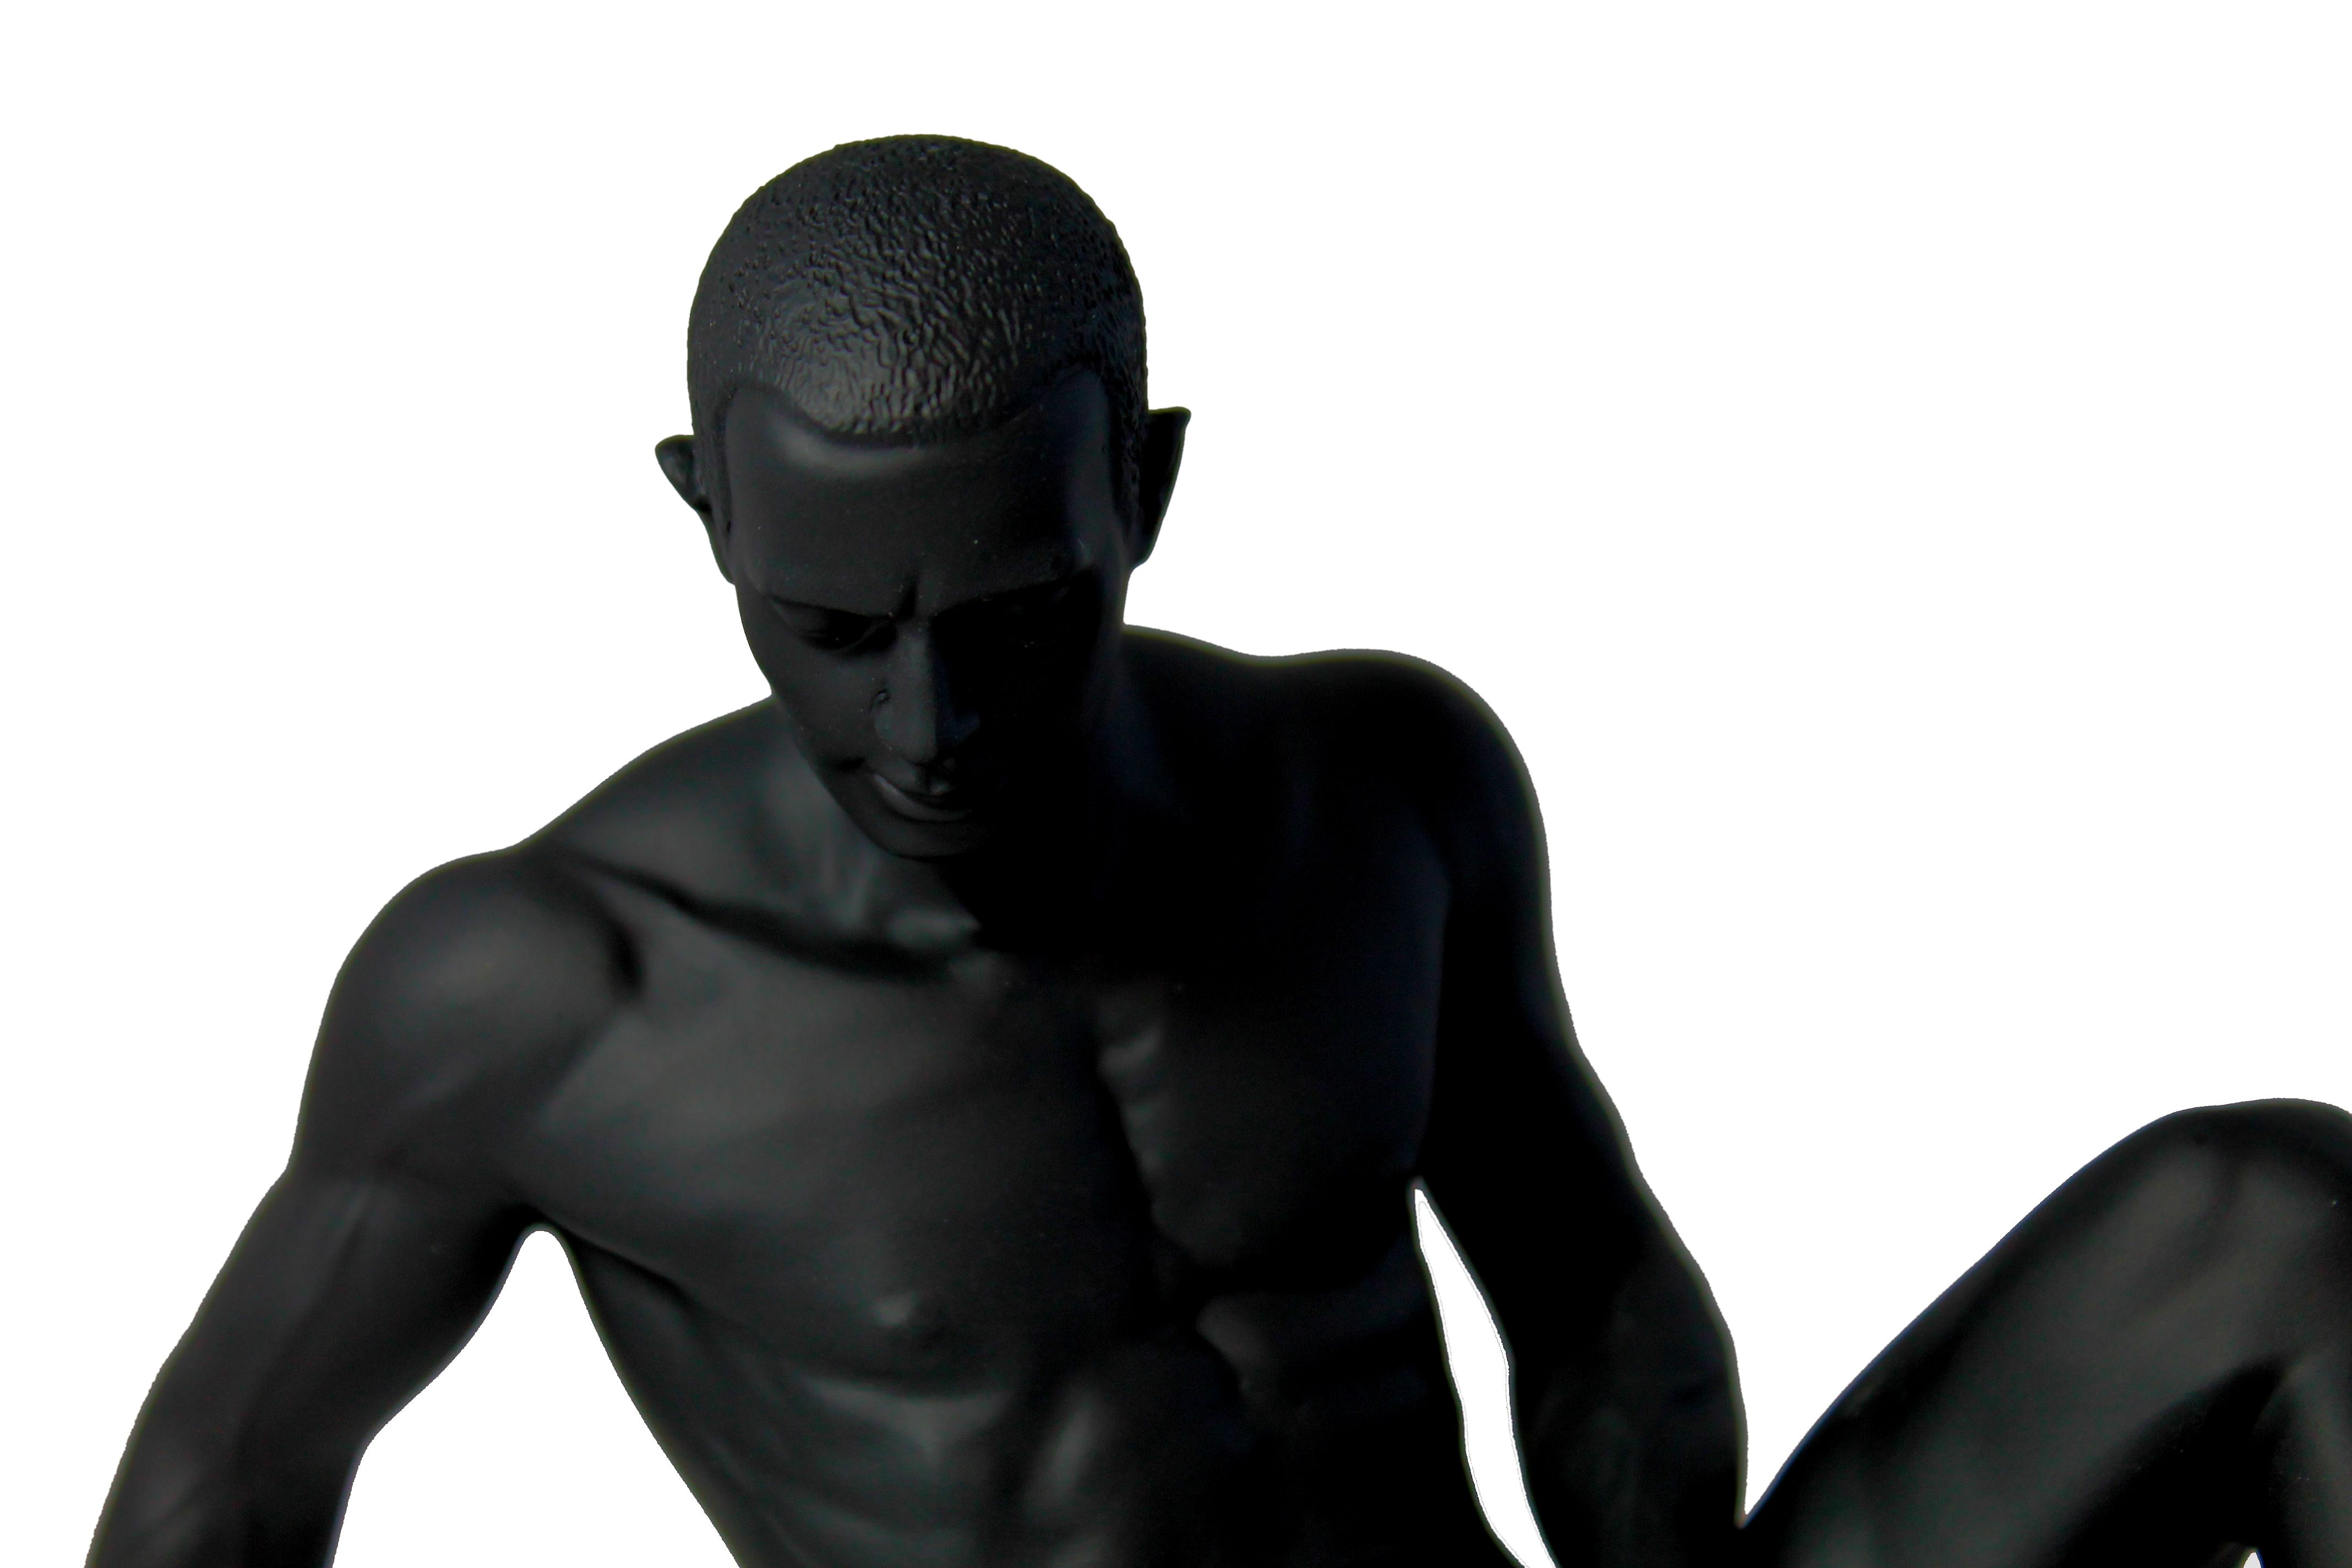 Dekofigur akt figur nackter mann sitzend collection for Dekoration wohnung mann